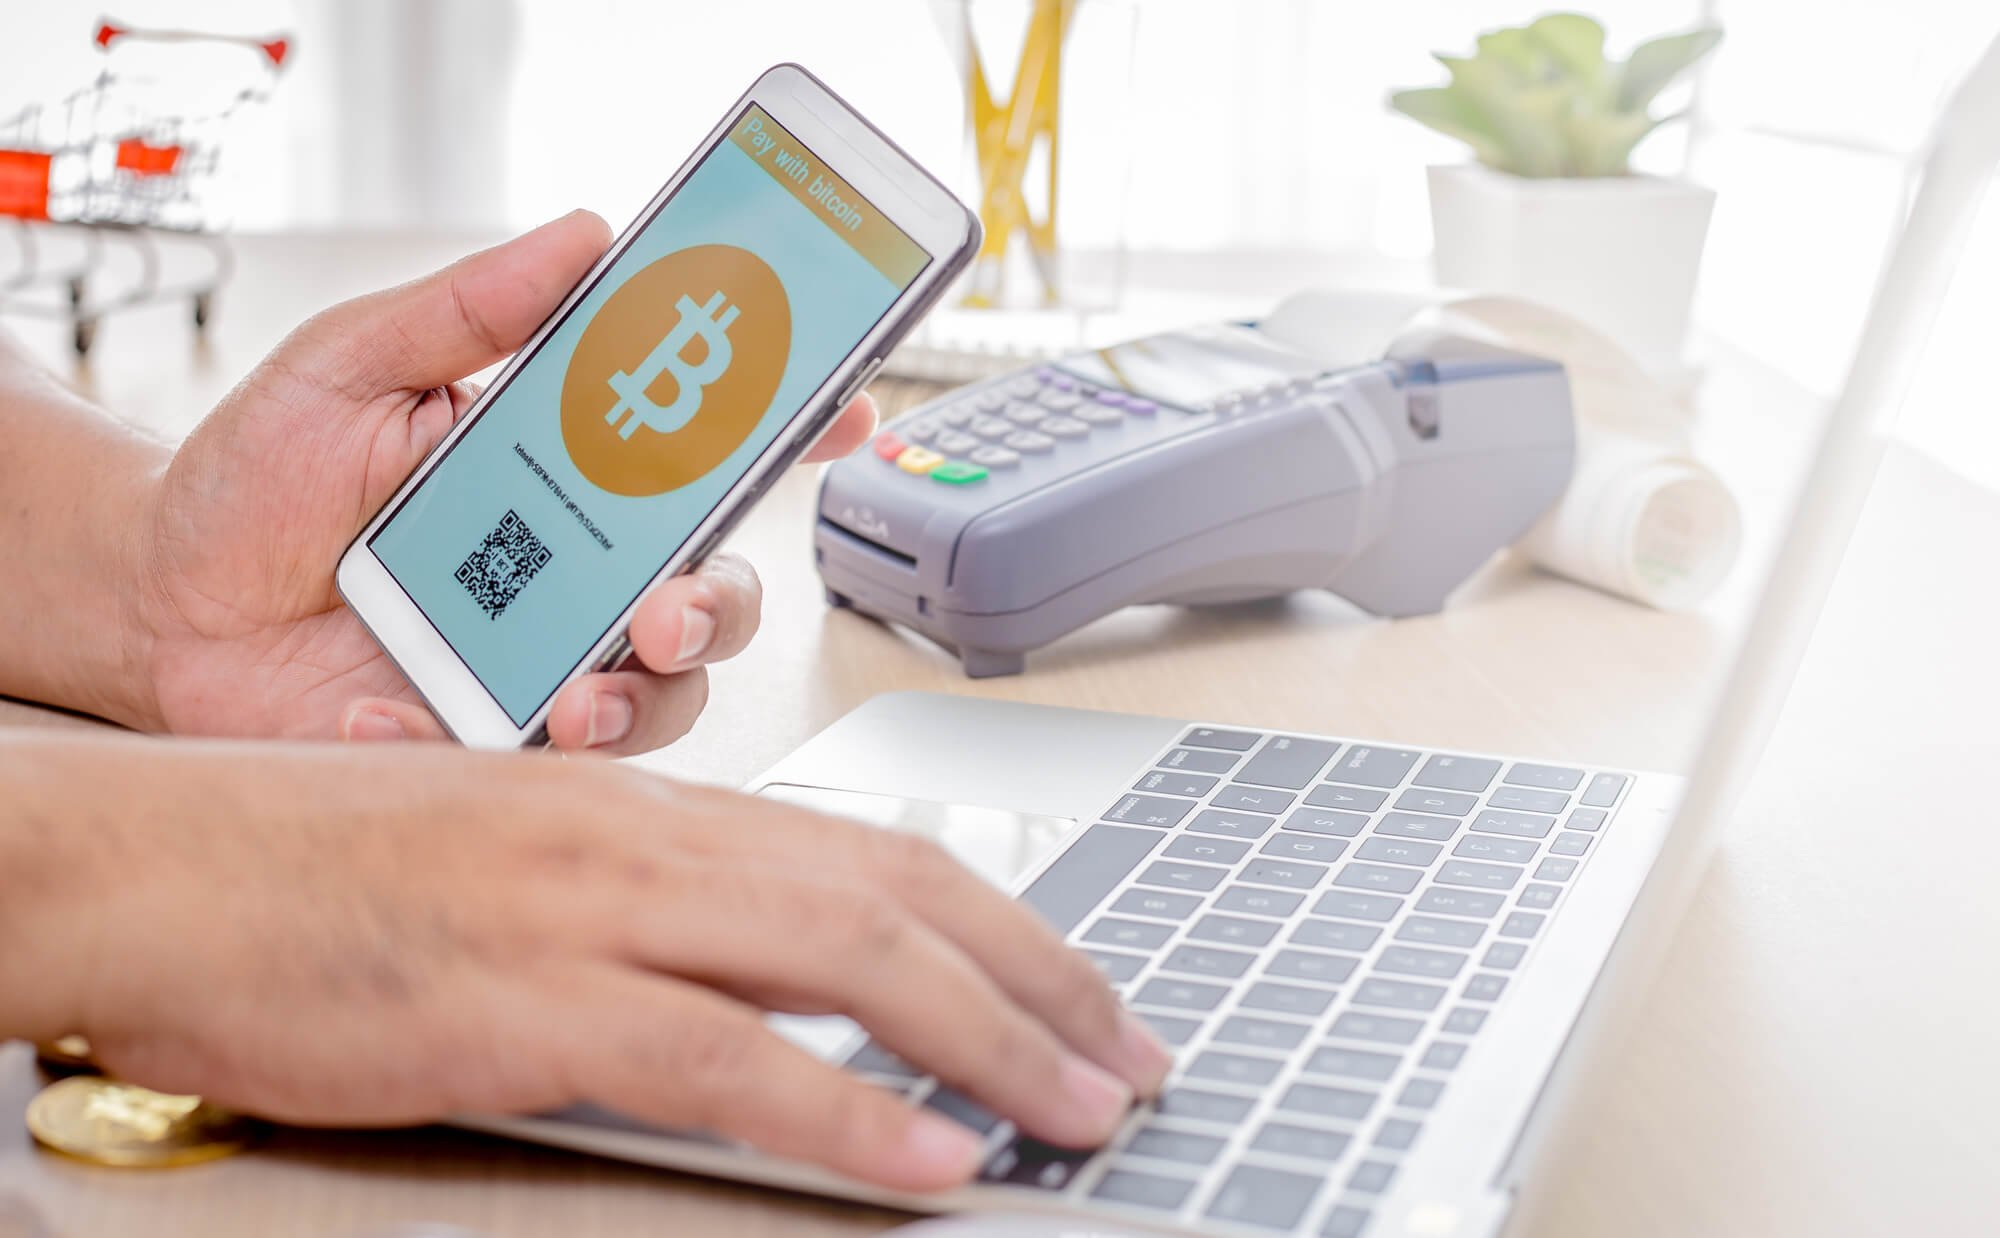 negociação de criptomoedas de boom de bits volume de comércio de bitcoin por região